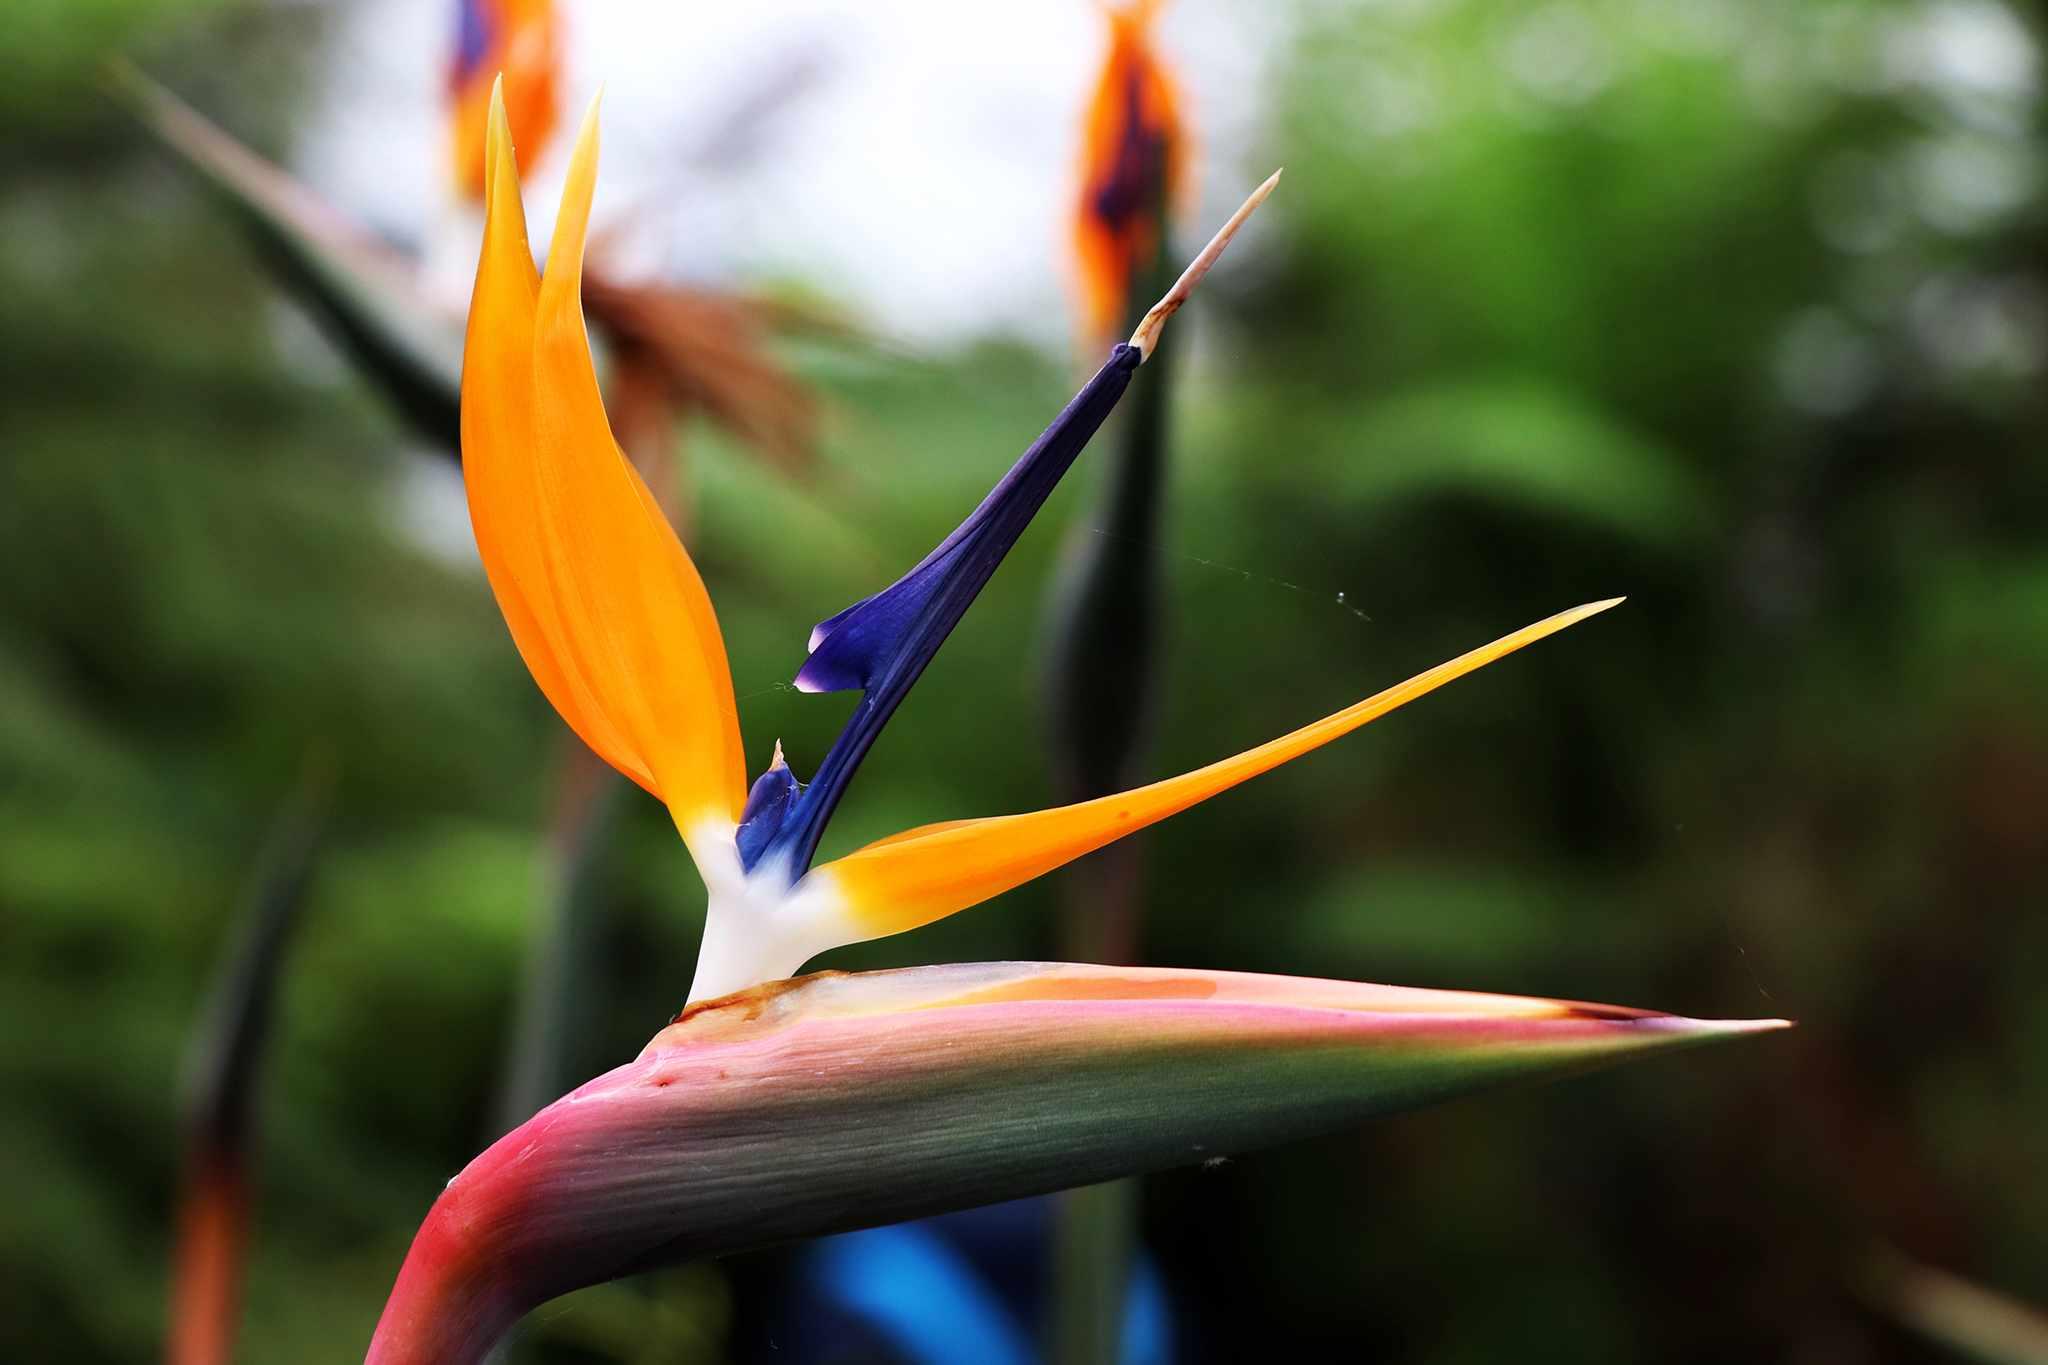 Bird of paradise, Strelitzia reginae, in flower. Photo: Getty Images.